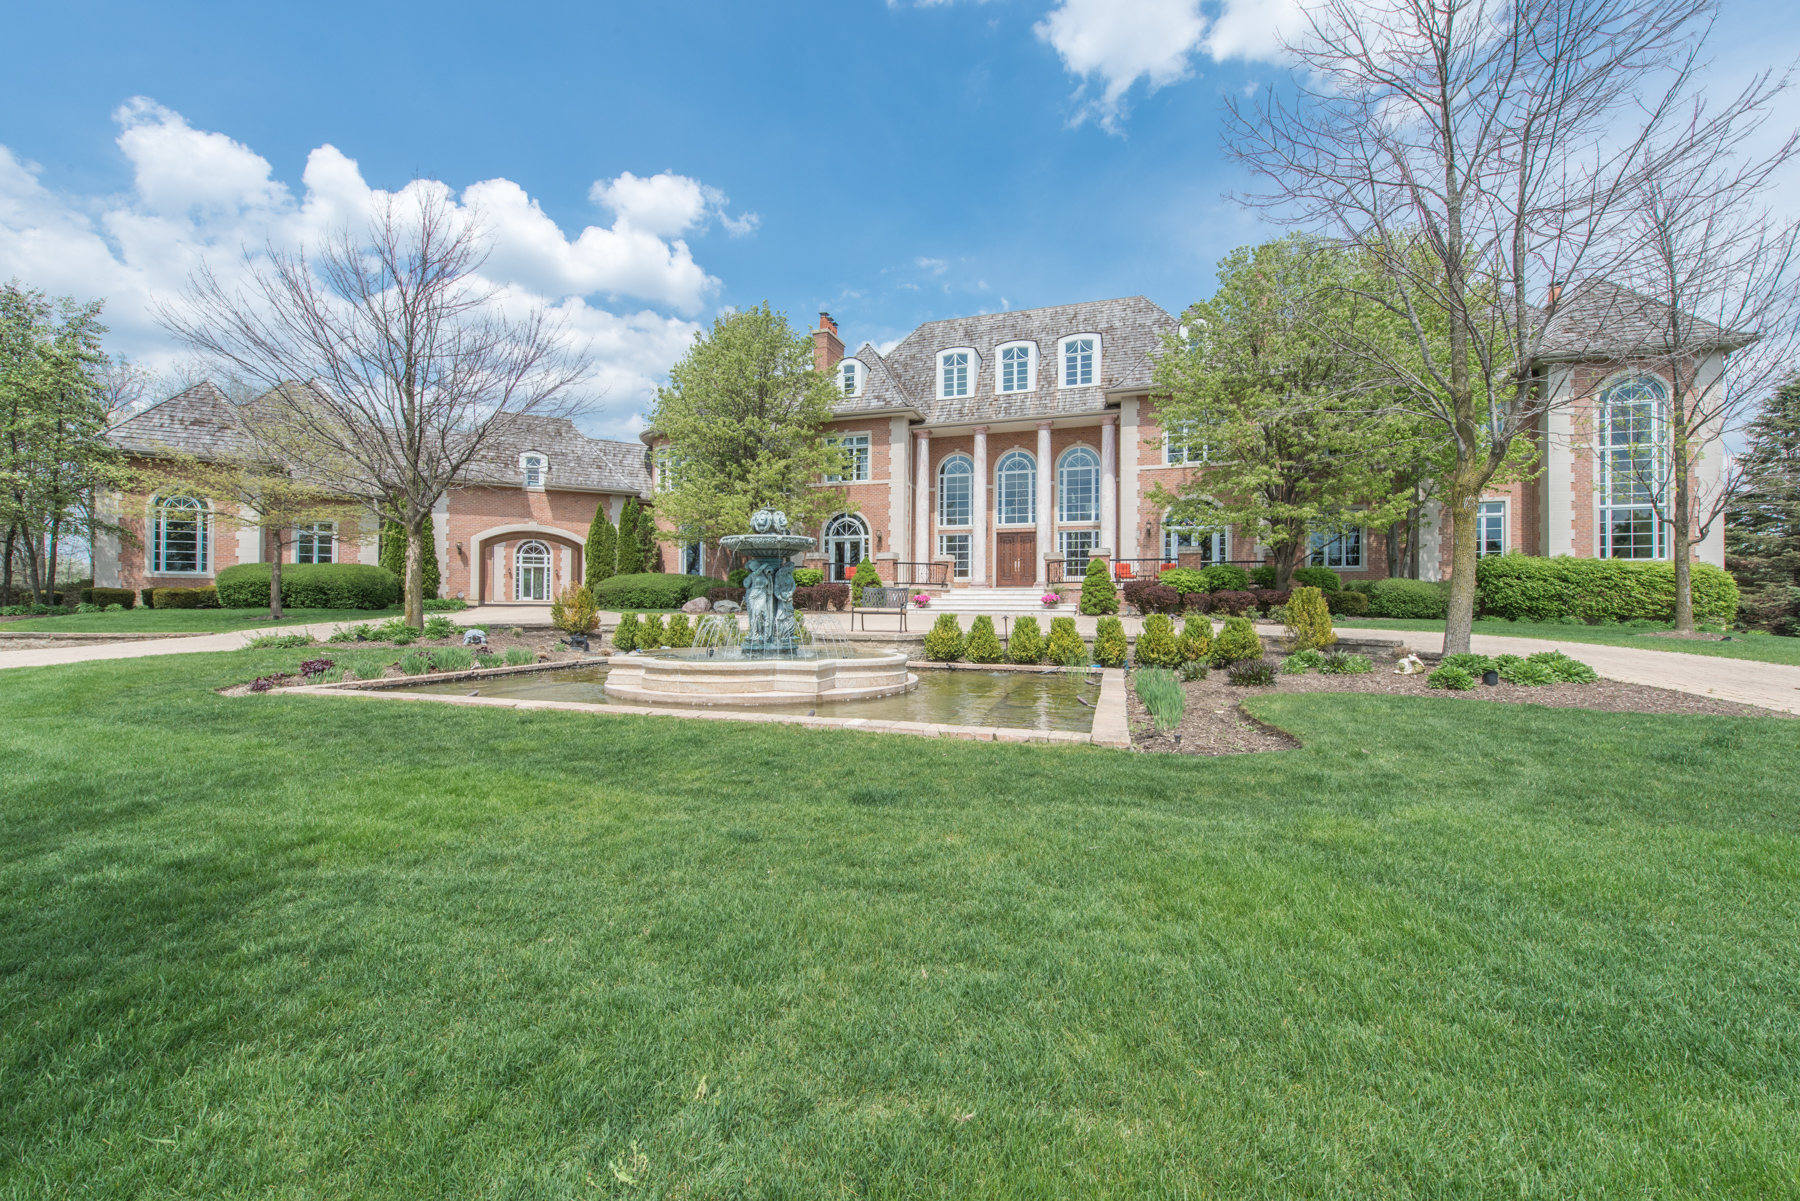 Maison unifamiliale pour l Vente à 10 Star Lane South Barrington, Illinois 60010 États-Unis